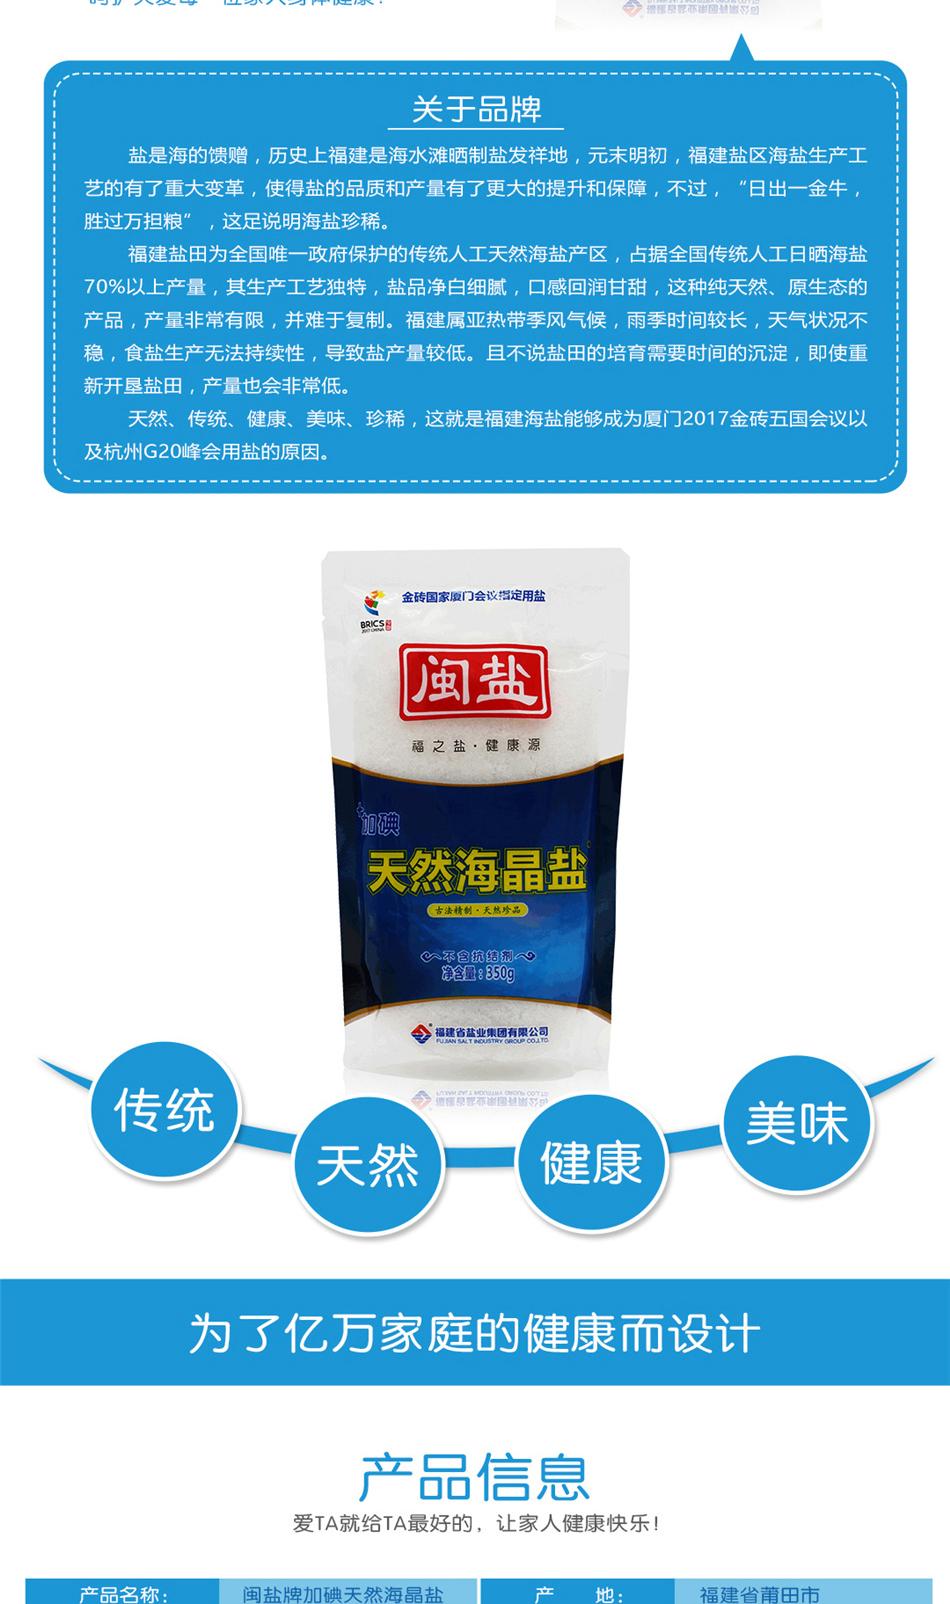 闽盐二级页面产品详情页1920dpi-万博手机版官网天然海晶盐立袋_03.jpg